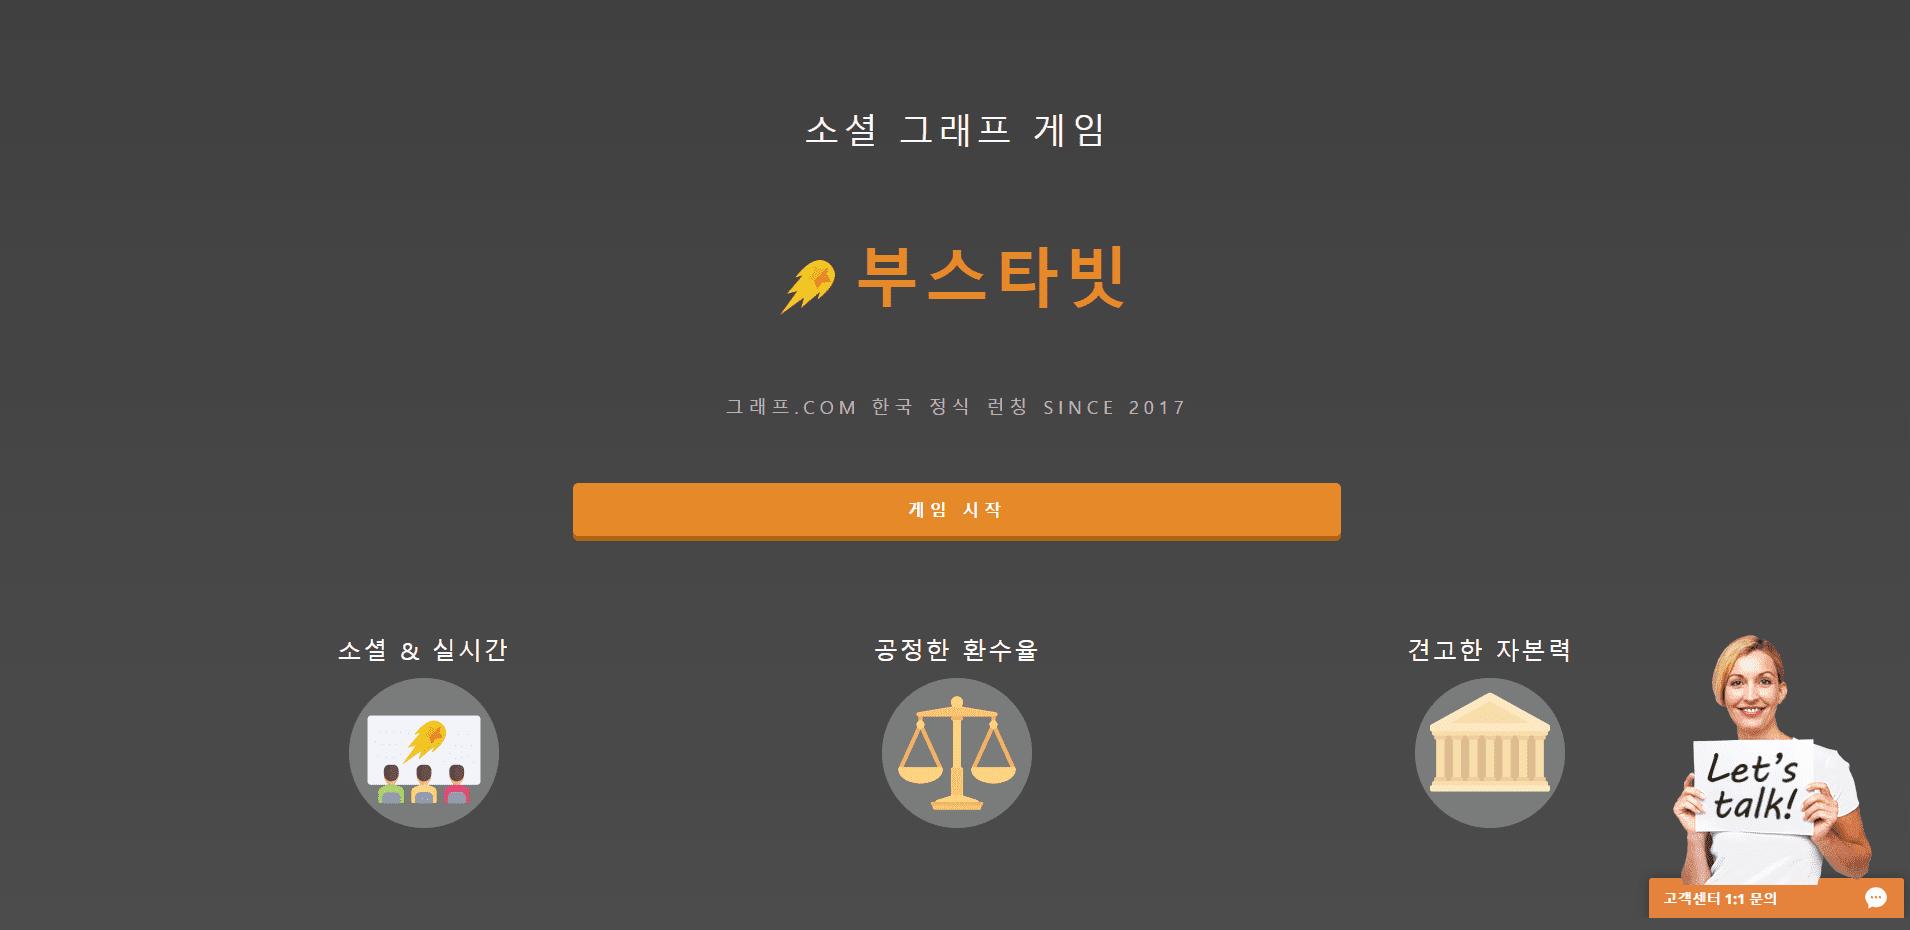 [먹튀검증]부스타빗 먹튀사이트확정 그래프.live 먹튀검증업체 토토안내소